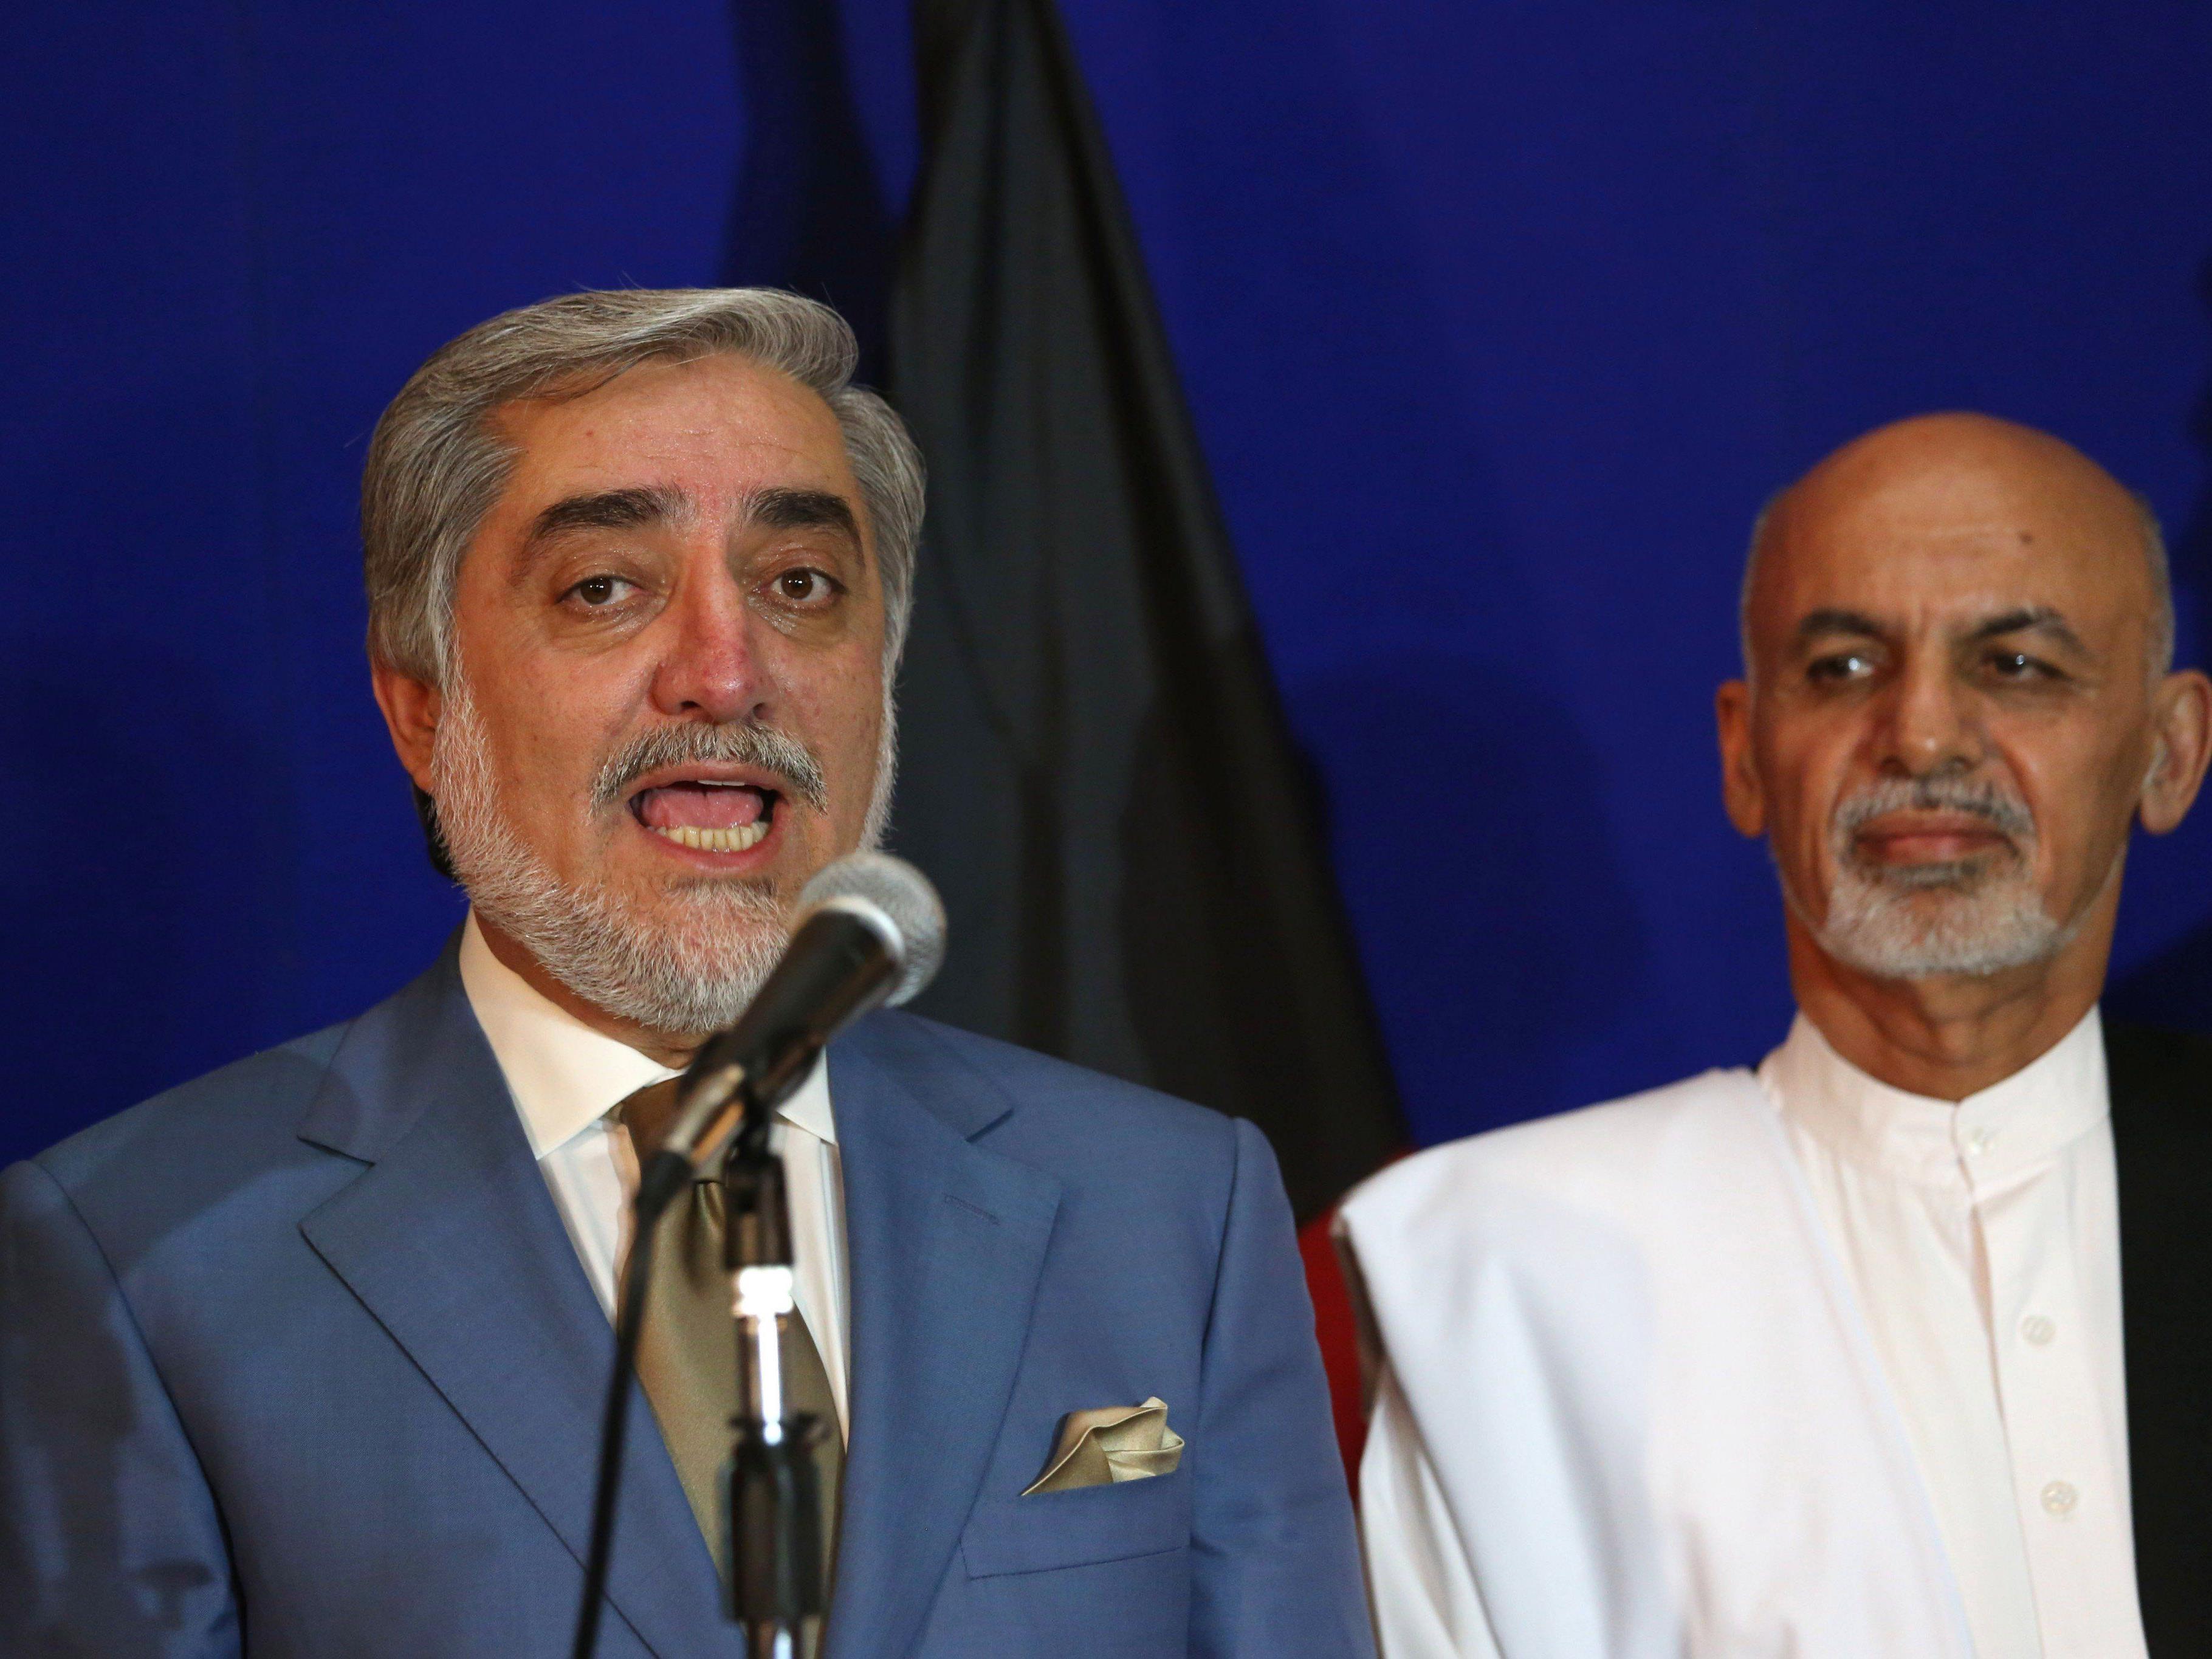 Die beiden Präsidentschaftskandidaten einigen sich auf eine Einheitsregierung.